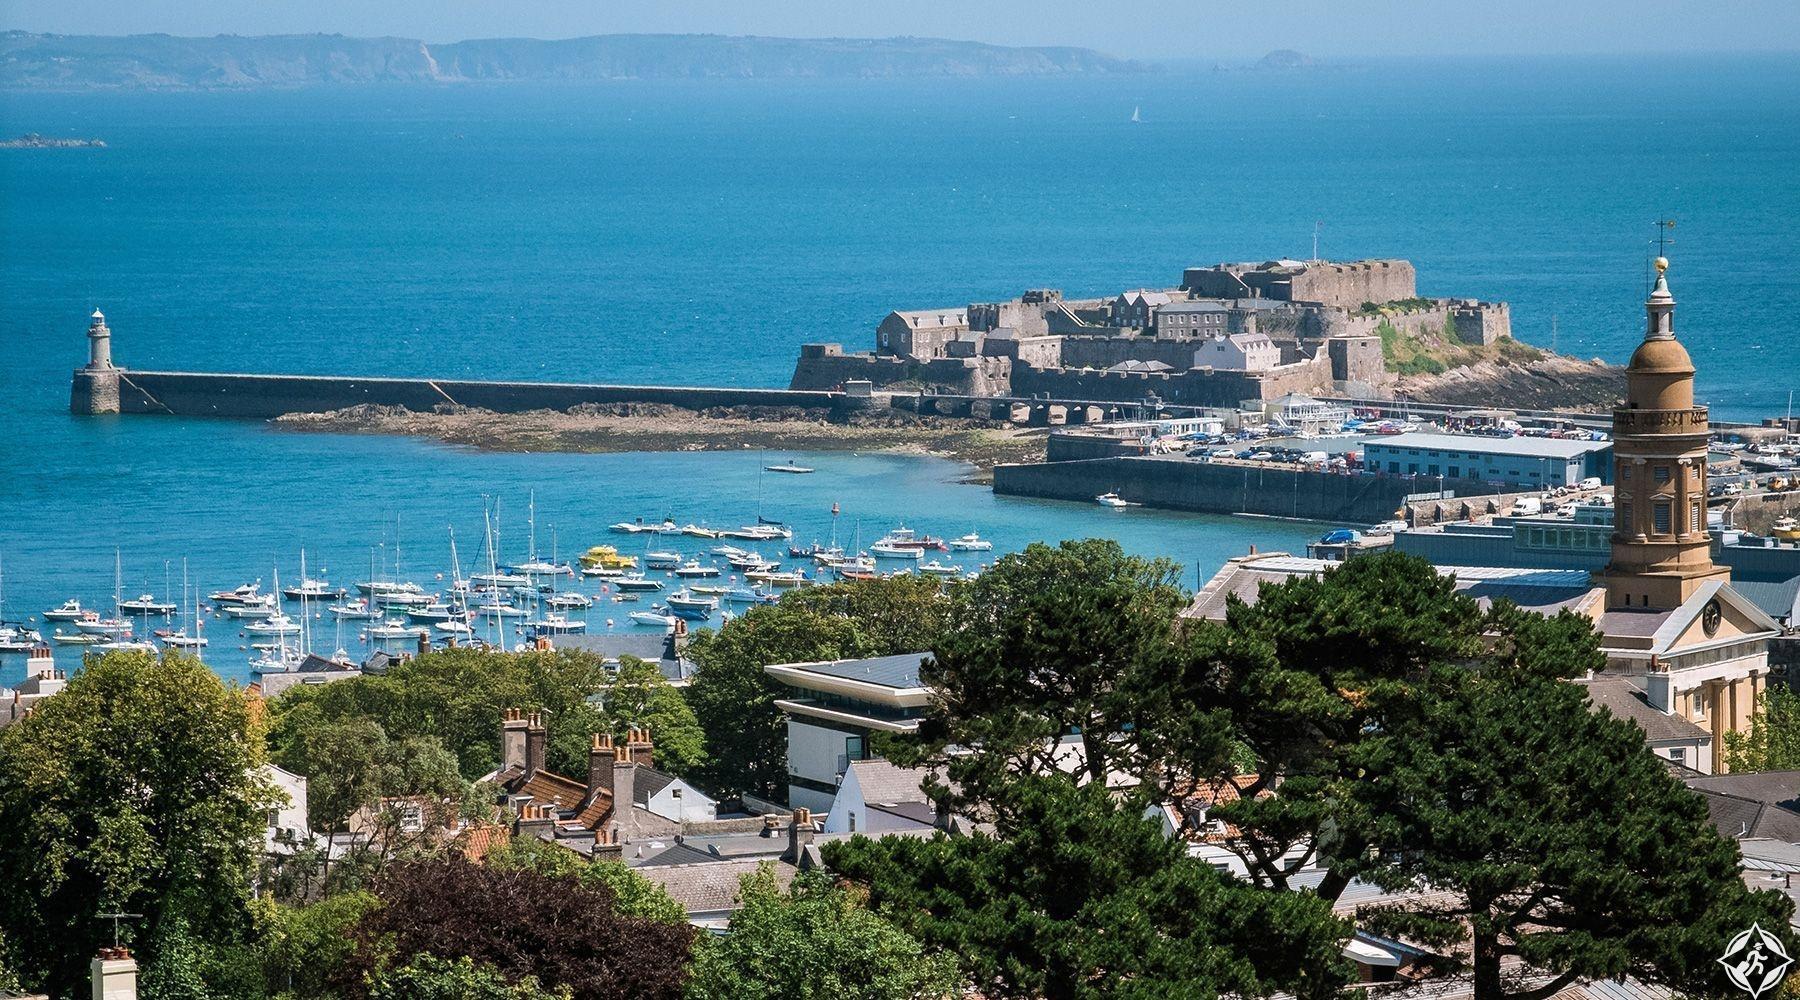 غيرنسي-أهم المعالم السياحية في جزر القناة